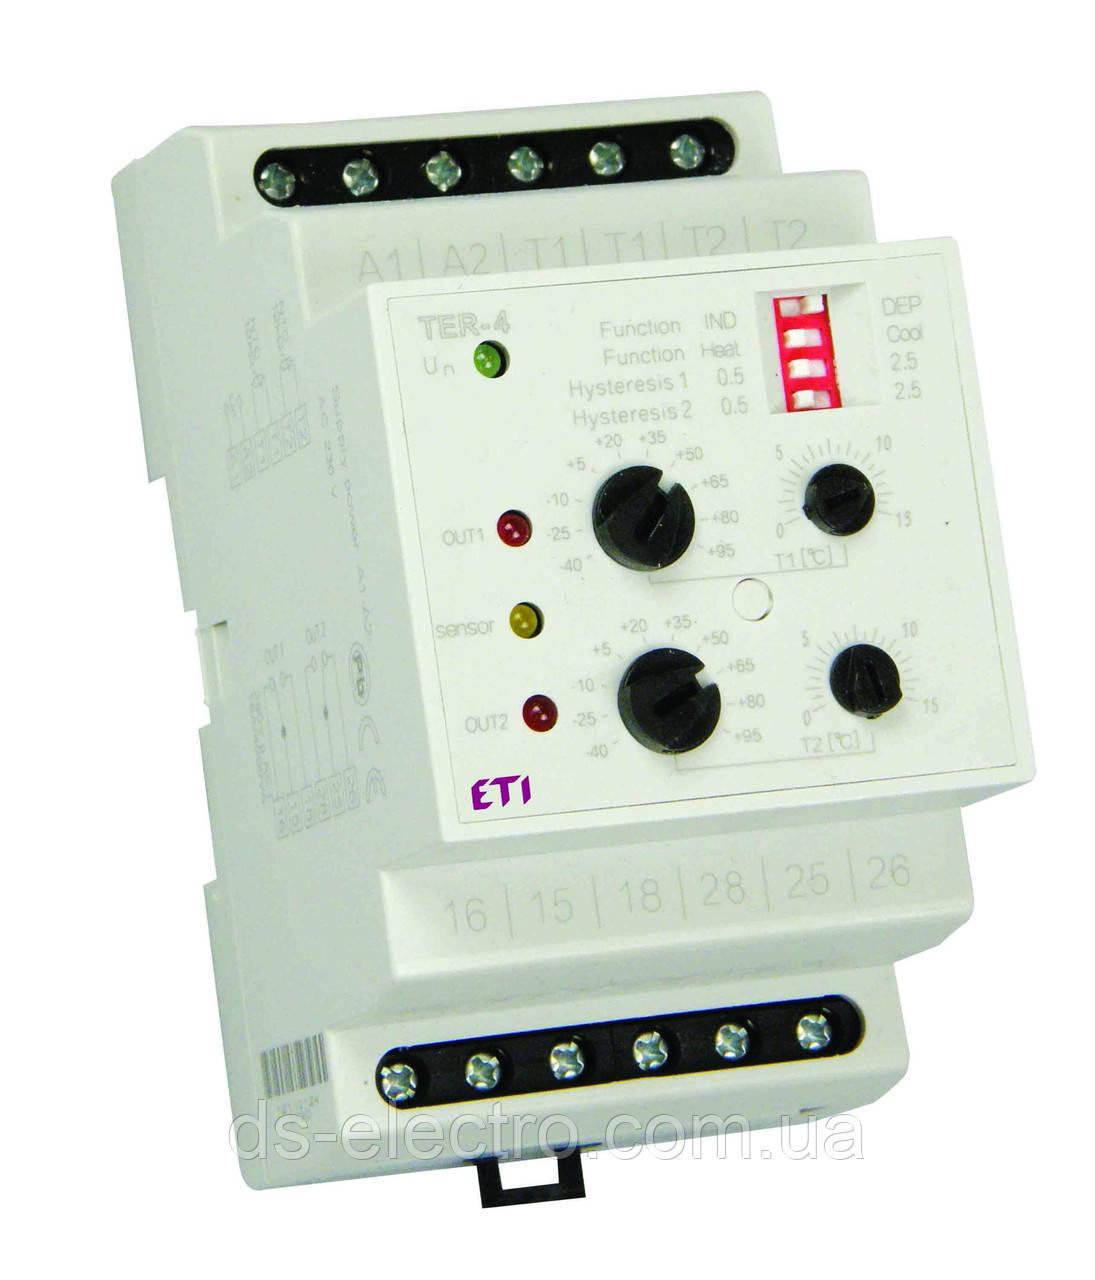 Термостат TER-4 230V (2x16A_AC1)